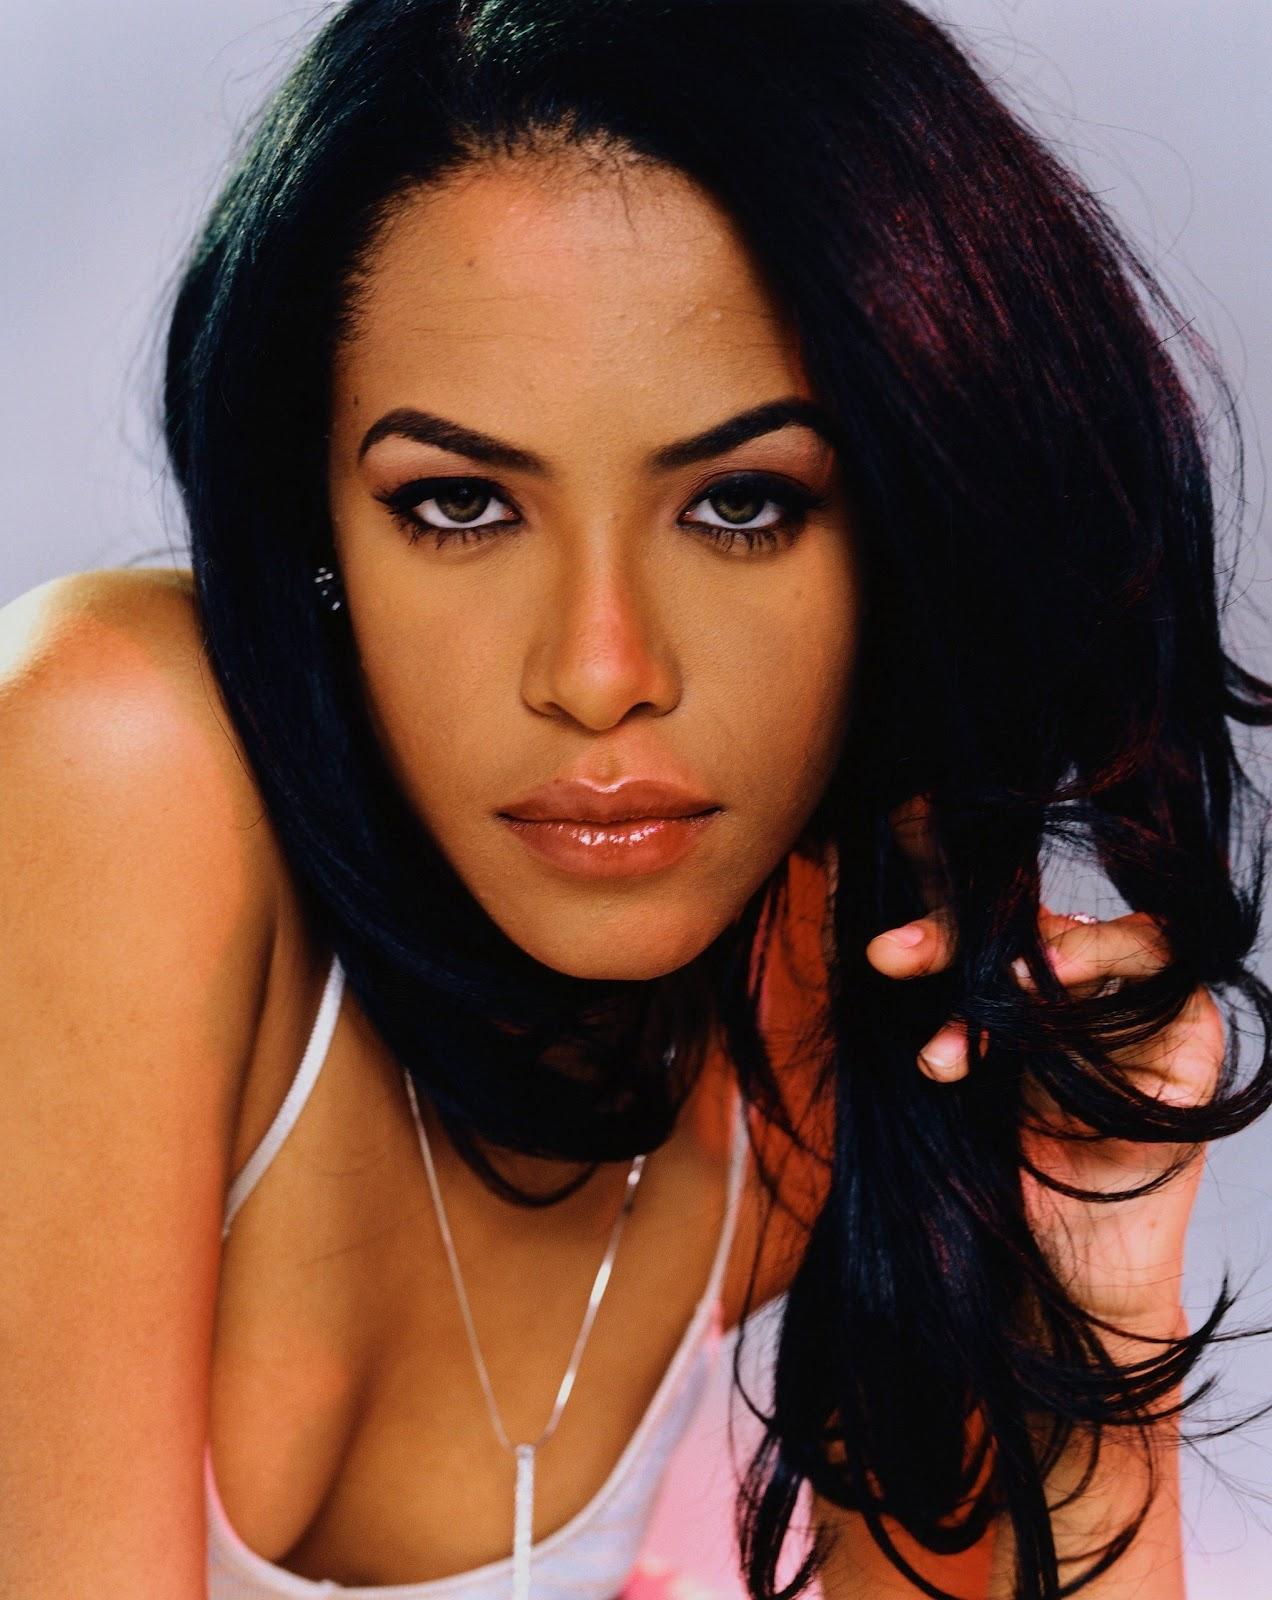 http://4.bp.blogspot.com/-55ybYoXW34A/T3yQeuuJnmI/AAAAAAAAA_s/emszsW_jbyk/s1600/Aaliyah-wallpapers.jpg